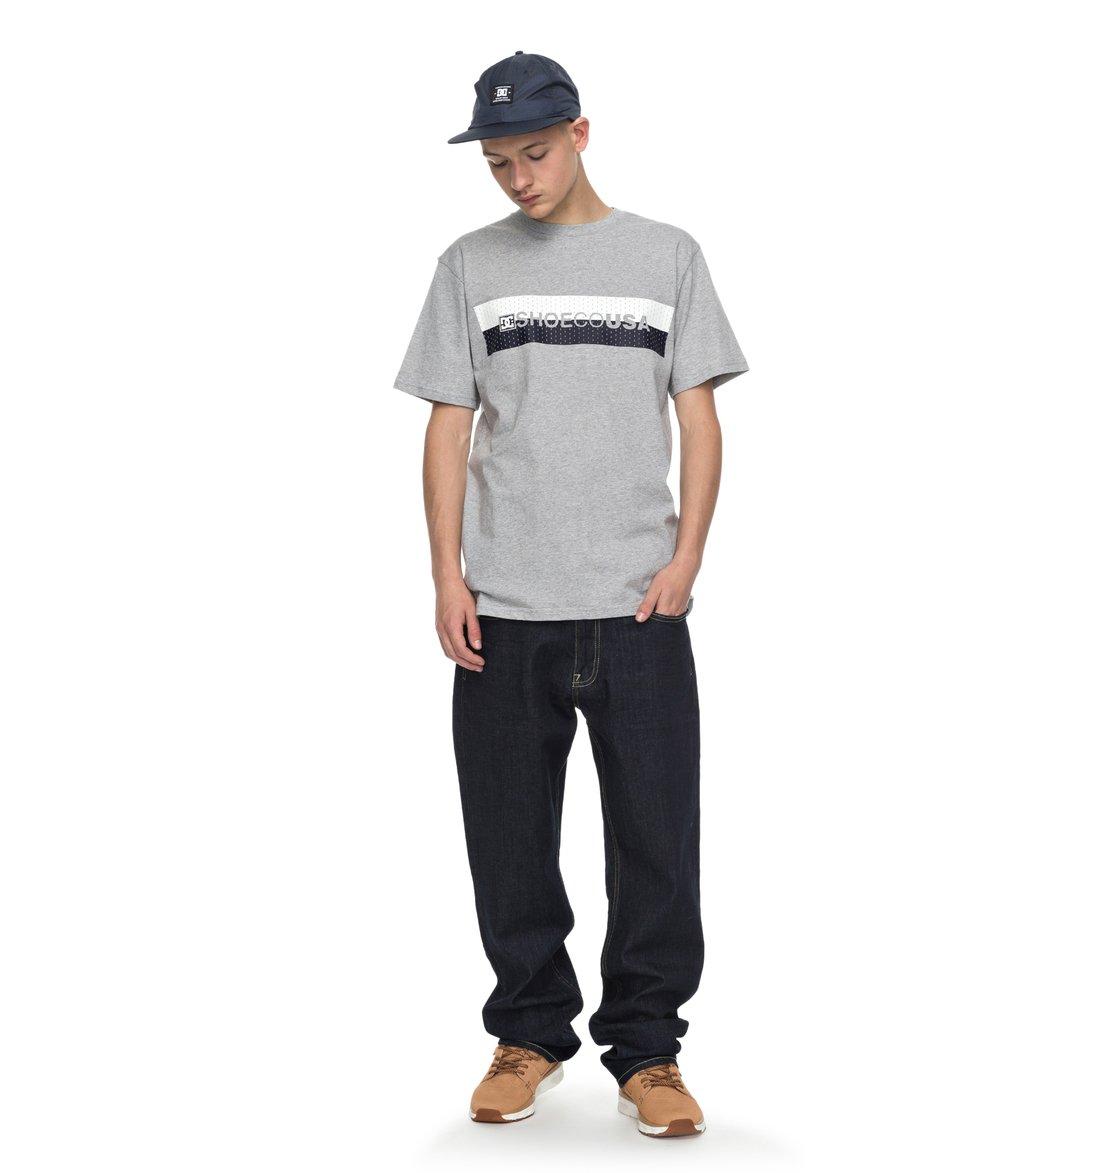 DC-Shoes-Transition-Camiseta-para-Hombre-EDYZT03689